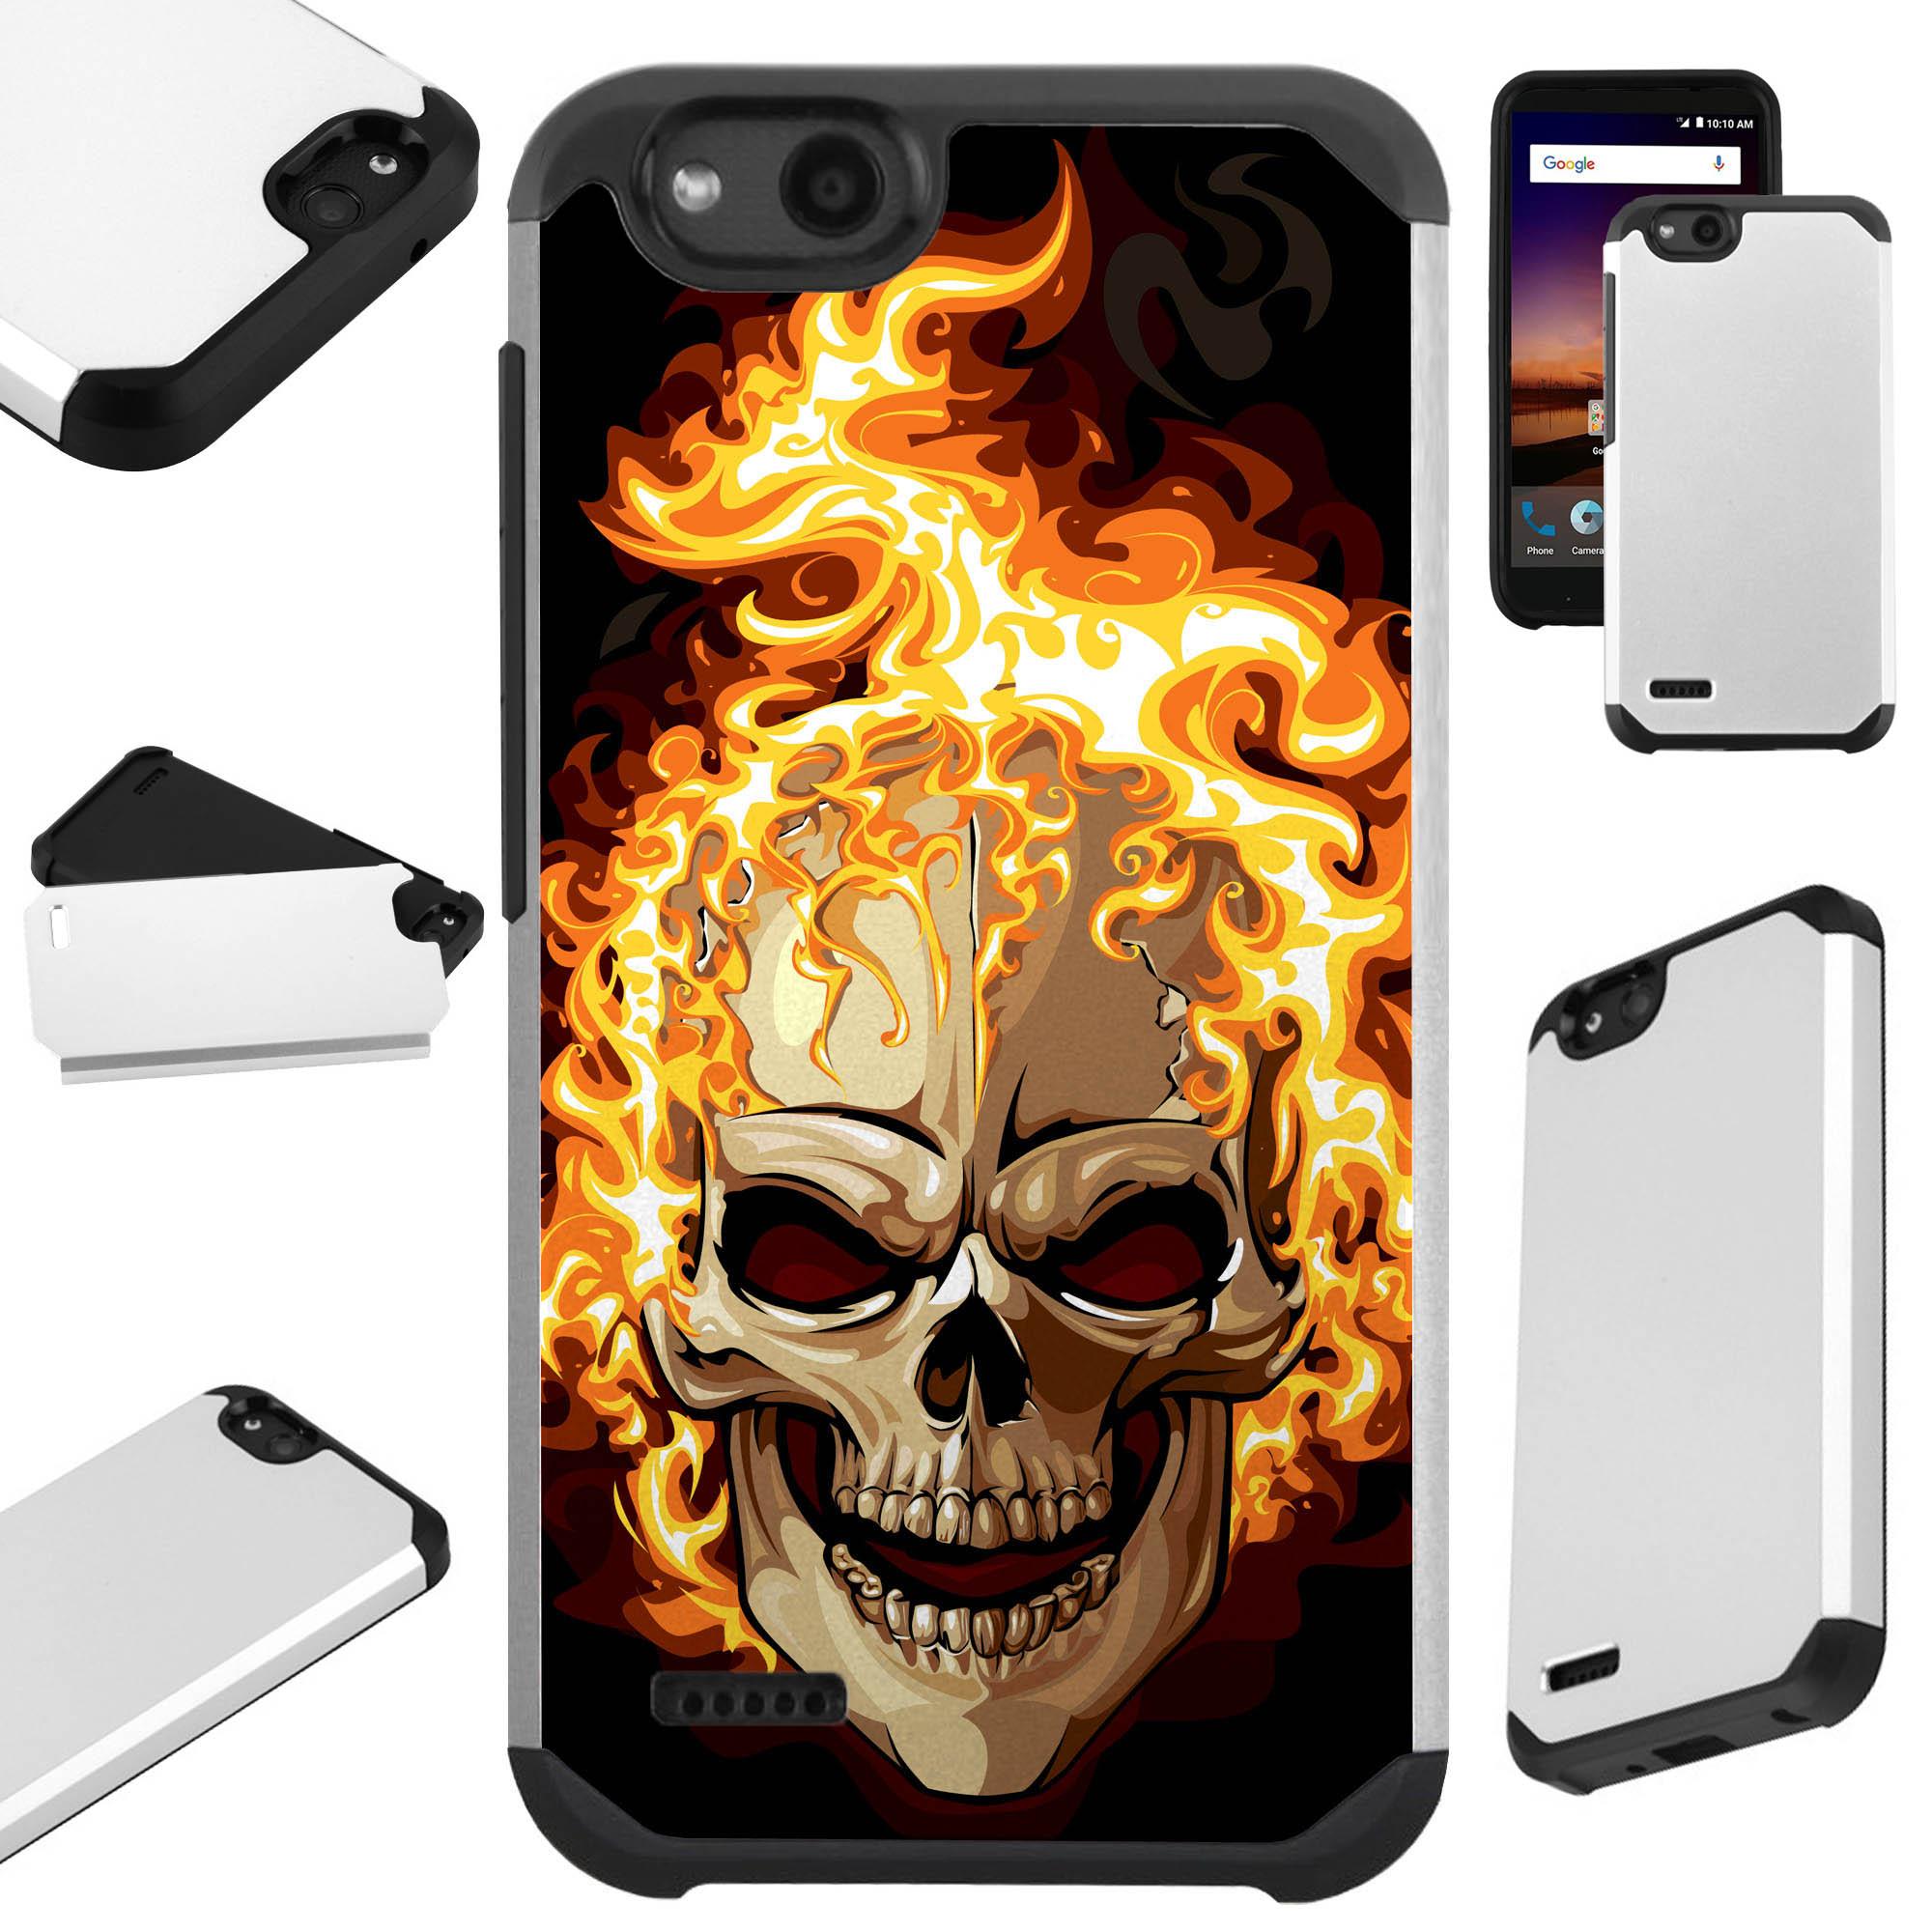 For ZTE ZFive G LTE / ZFive C / Avid 4 / Fanfare 3 / Blade Vantage / Tempo X / Tempo Go Case Hybrid TPU Fusion Phone Cover (Skull Fire)